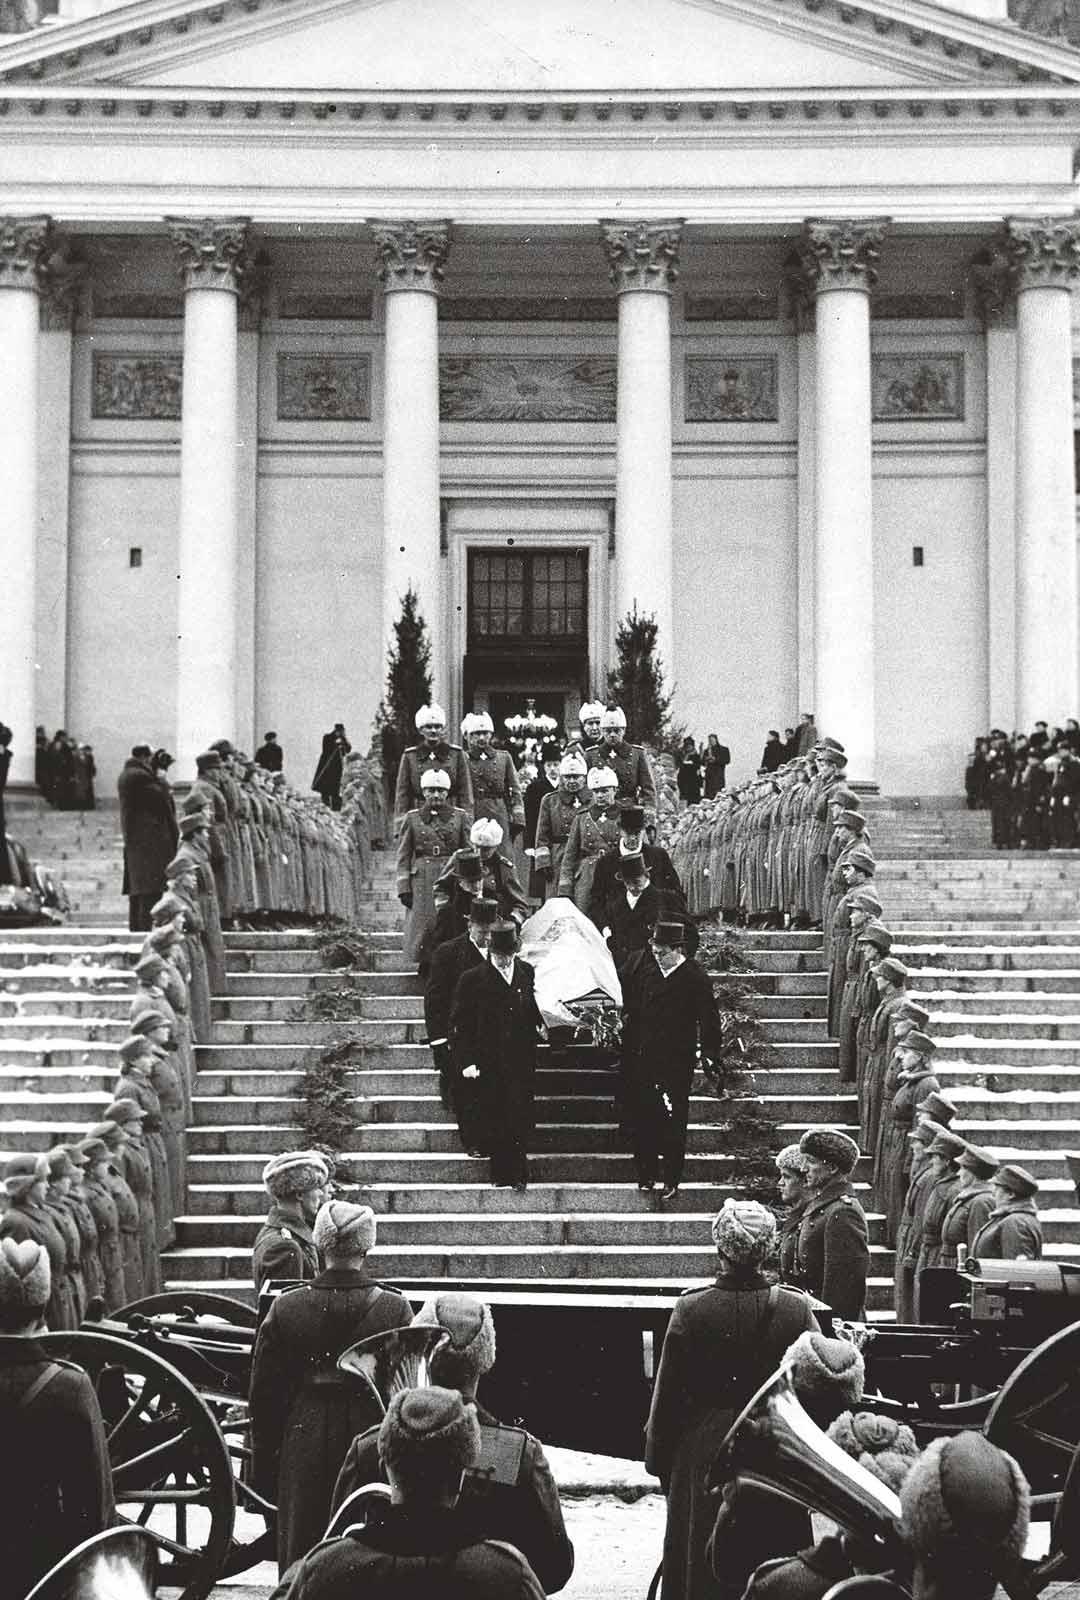 Pääosin istuvan hallituksen jäsenet kantoivat presidentti Kallion arkun ulos Helsingin suurkirkosta kadulle, missä arkku nostettiin kahden hevosen vetämälle tykinlavetille.